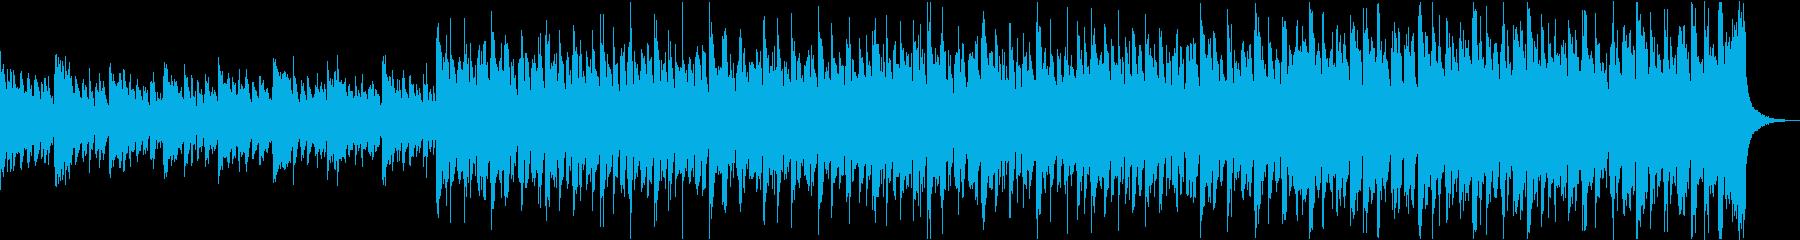 企業シネマティックエピックトレーラーbの再生済みの波形